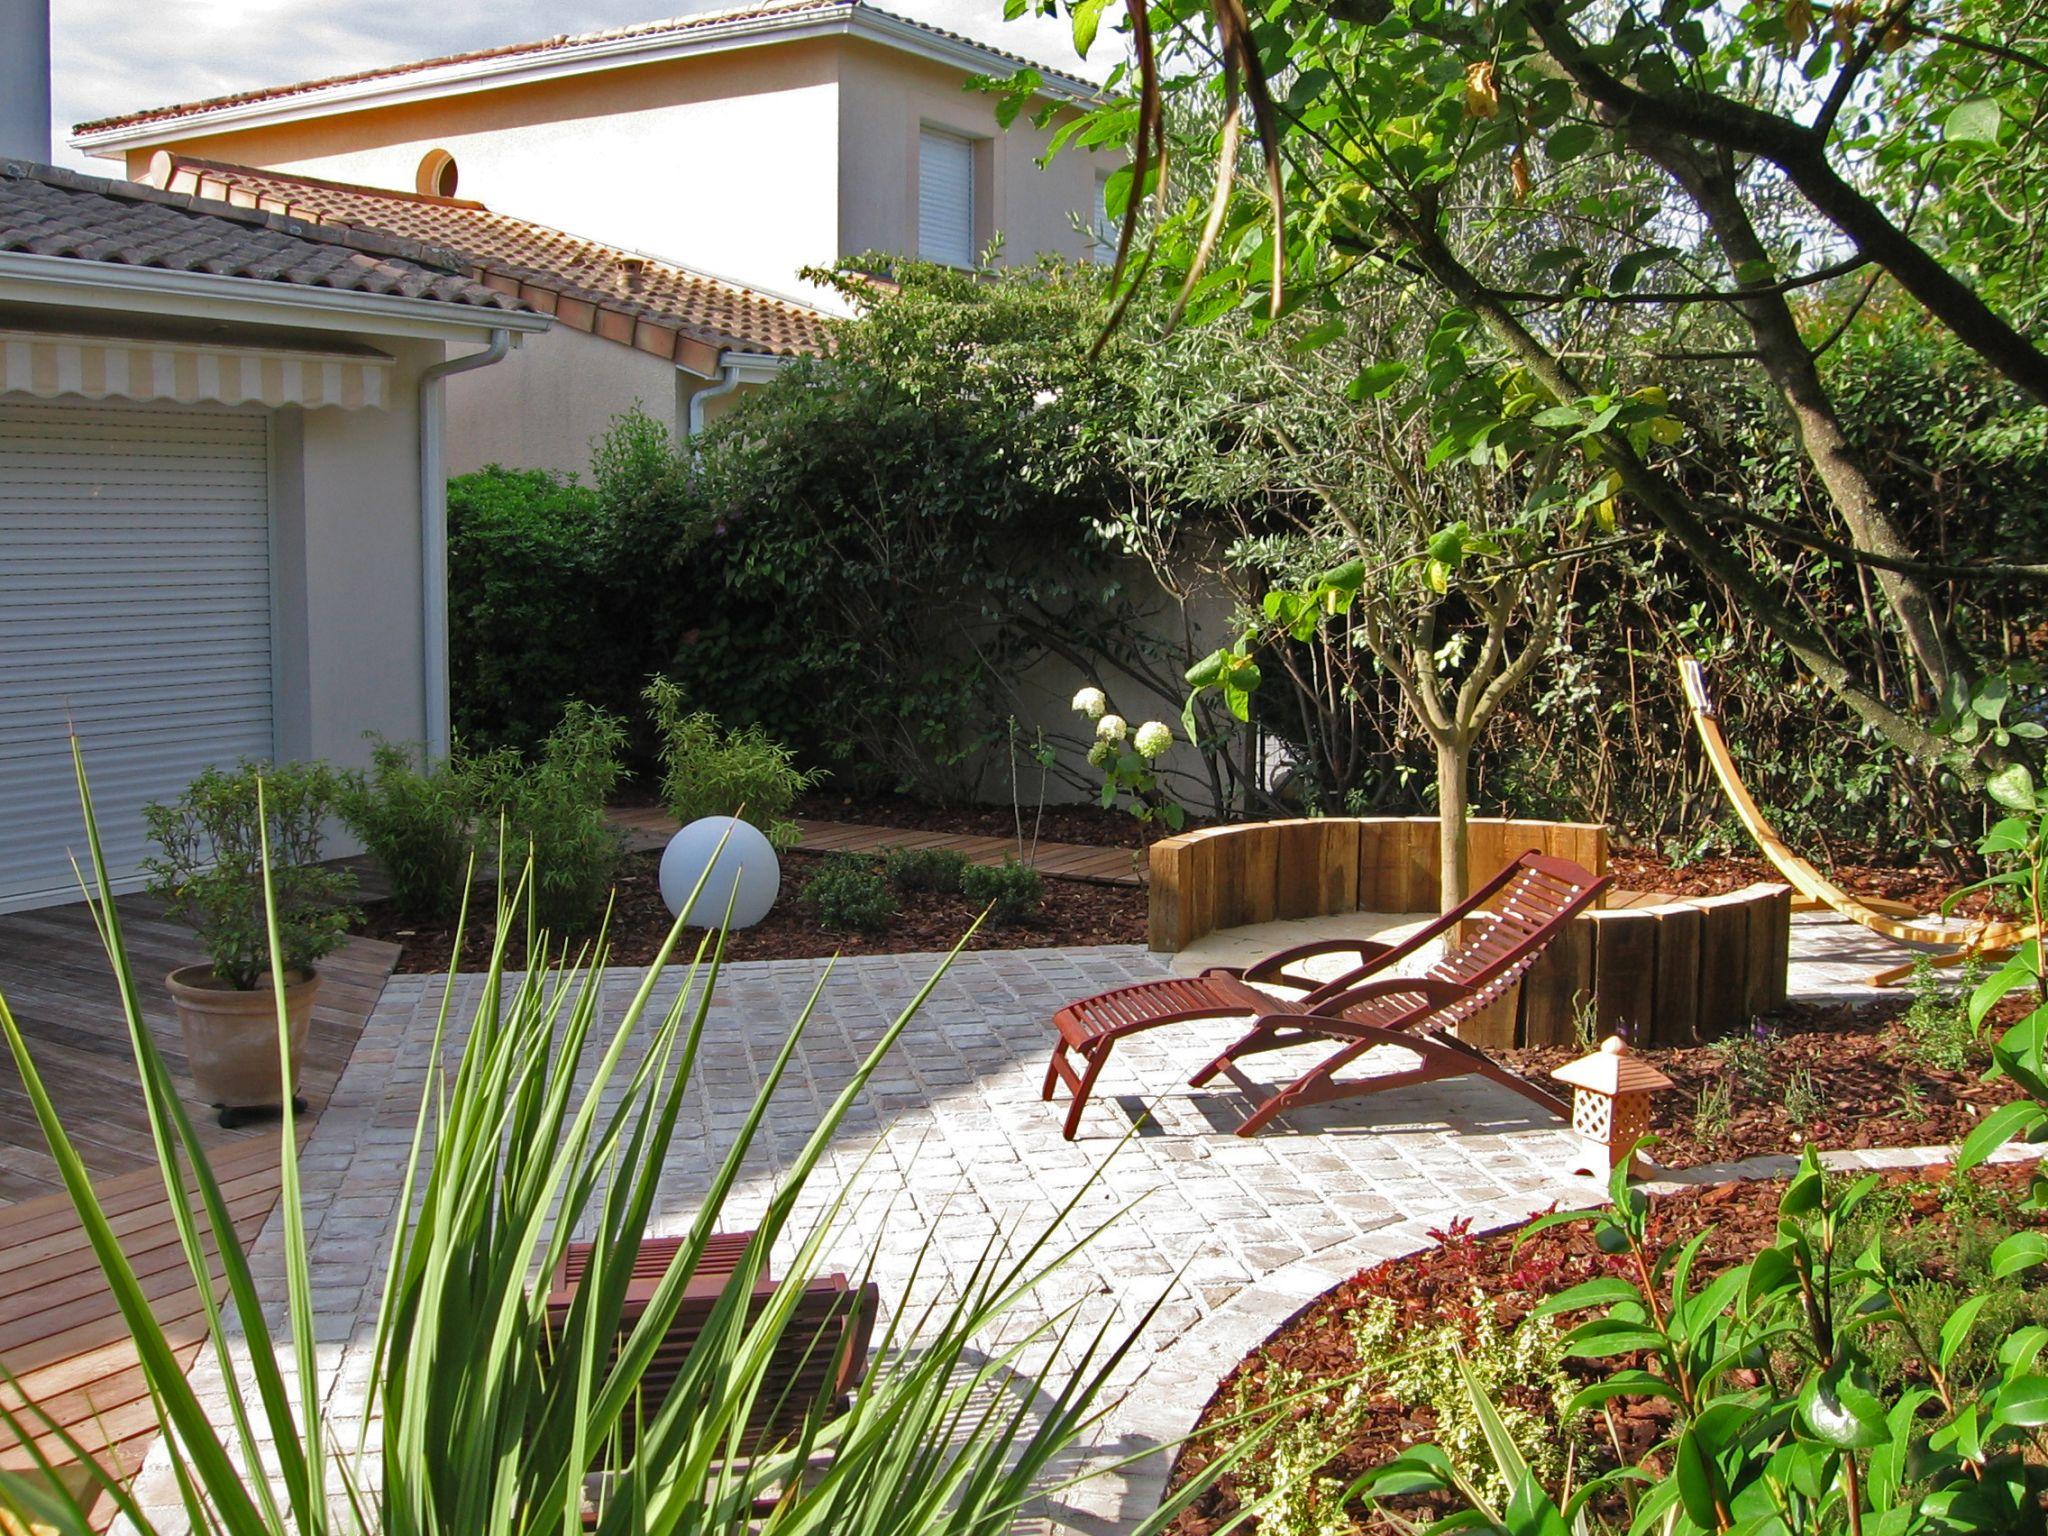 Puyau Paysages paysagistes terrasse